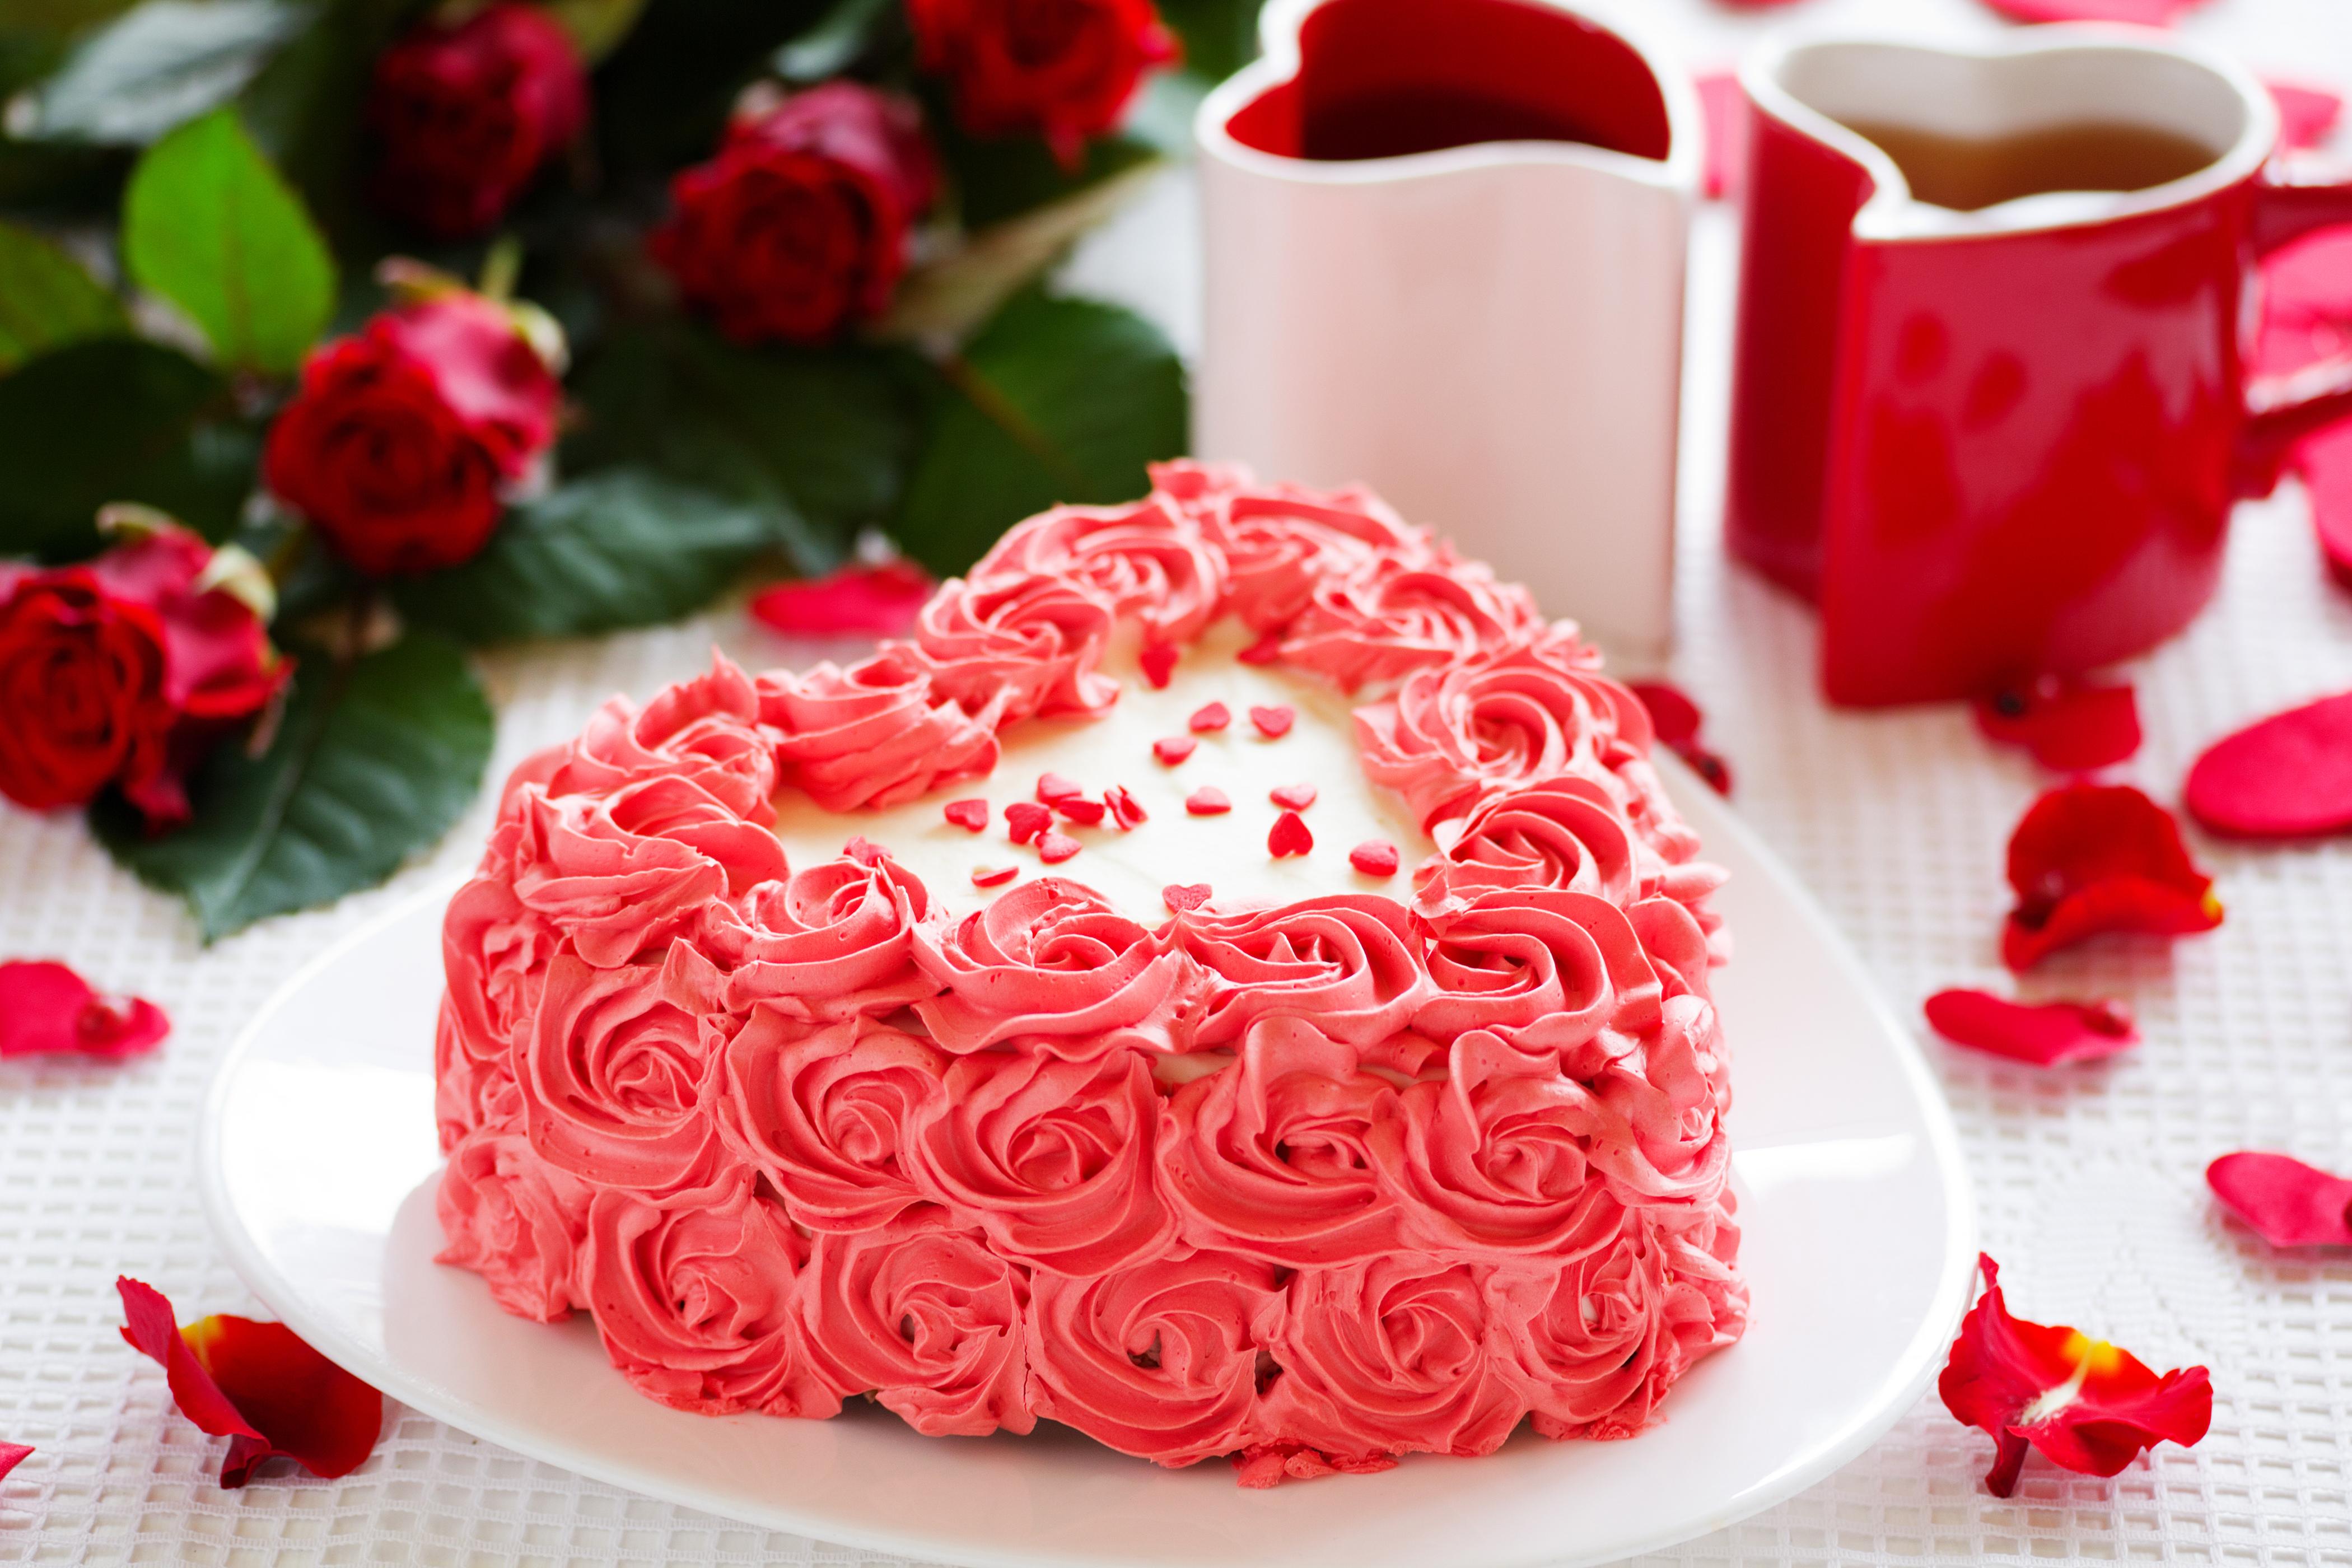 Фотография День святого Валентина сердечко Торты Лепестки Еда Сладости дизайна День всех влюблённых серце сердца Сердце лепестков Пища Продукты питания сладкая еда Дизайн